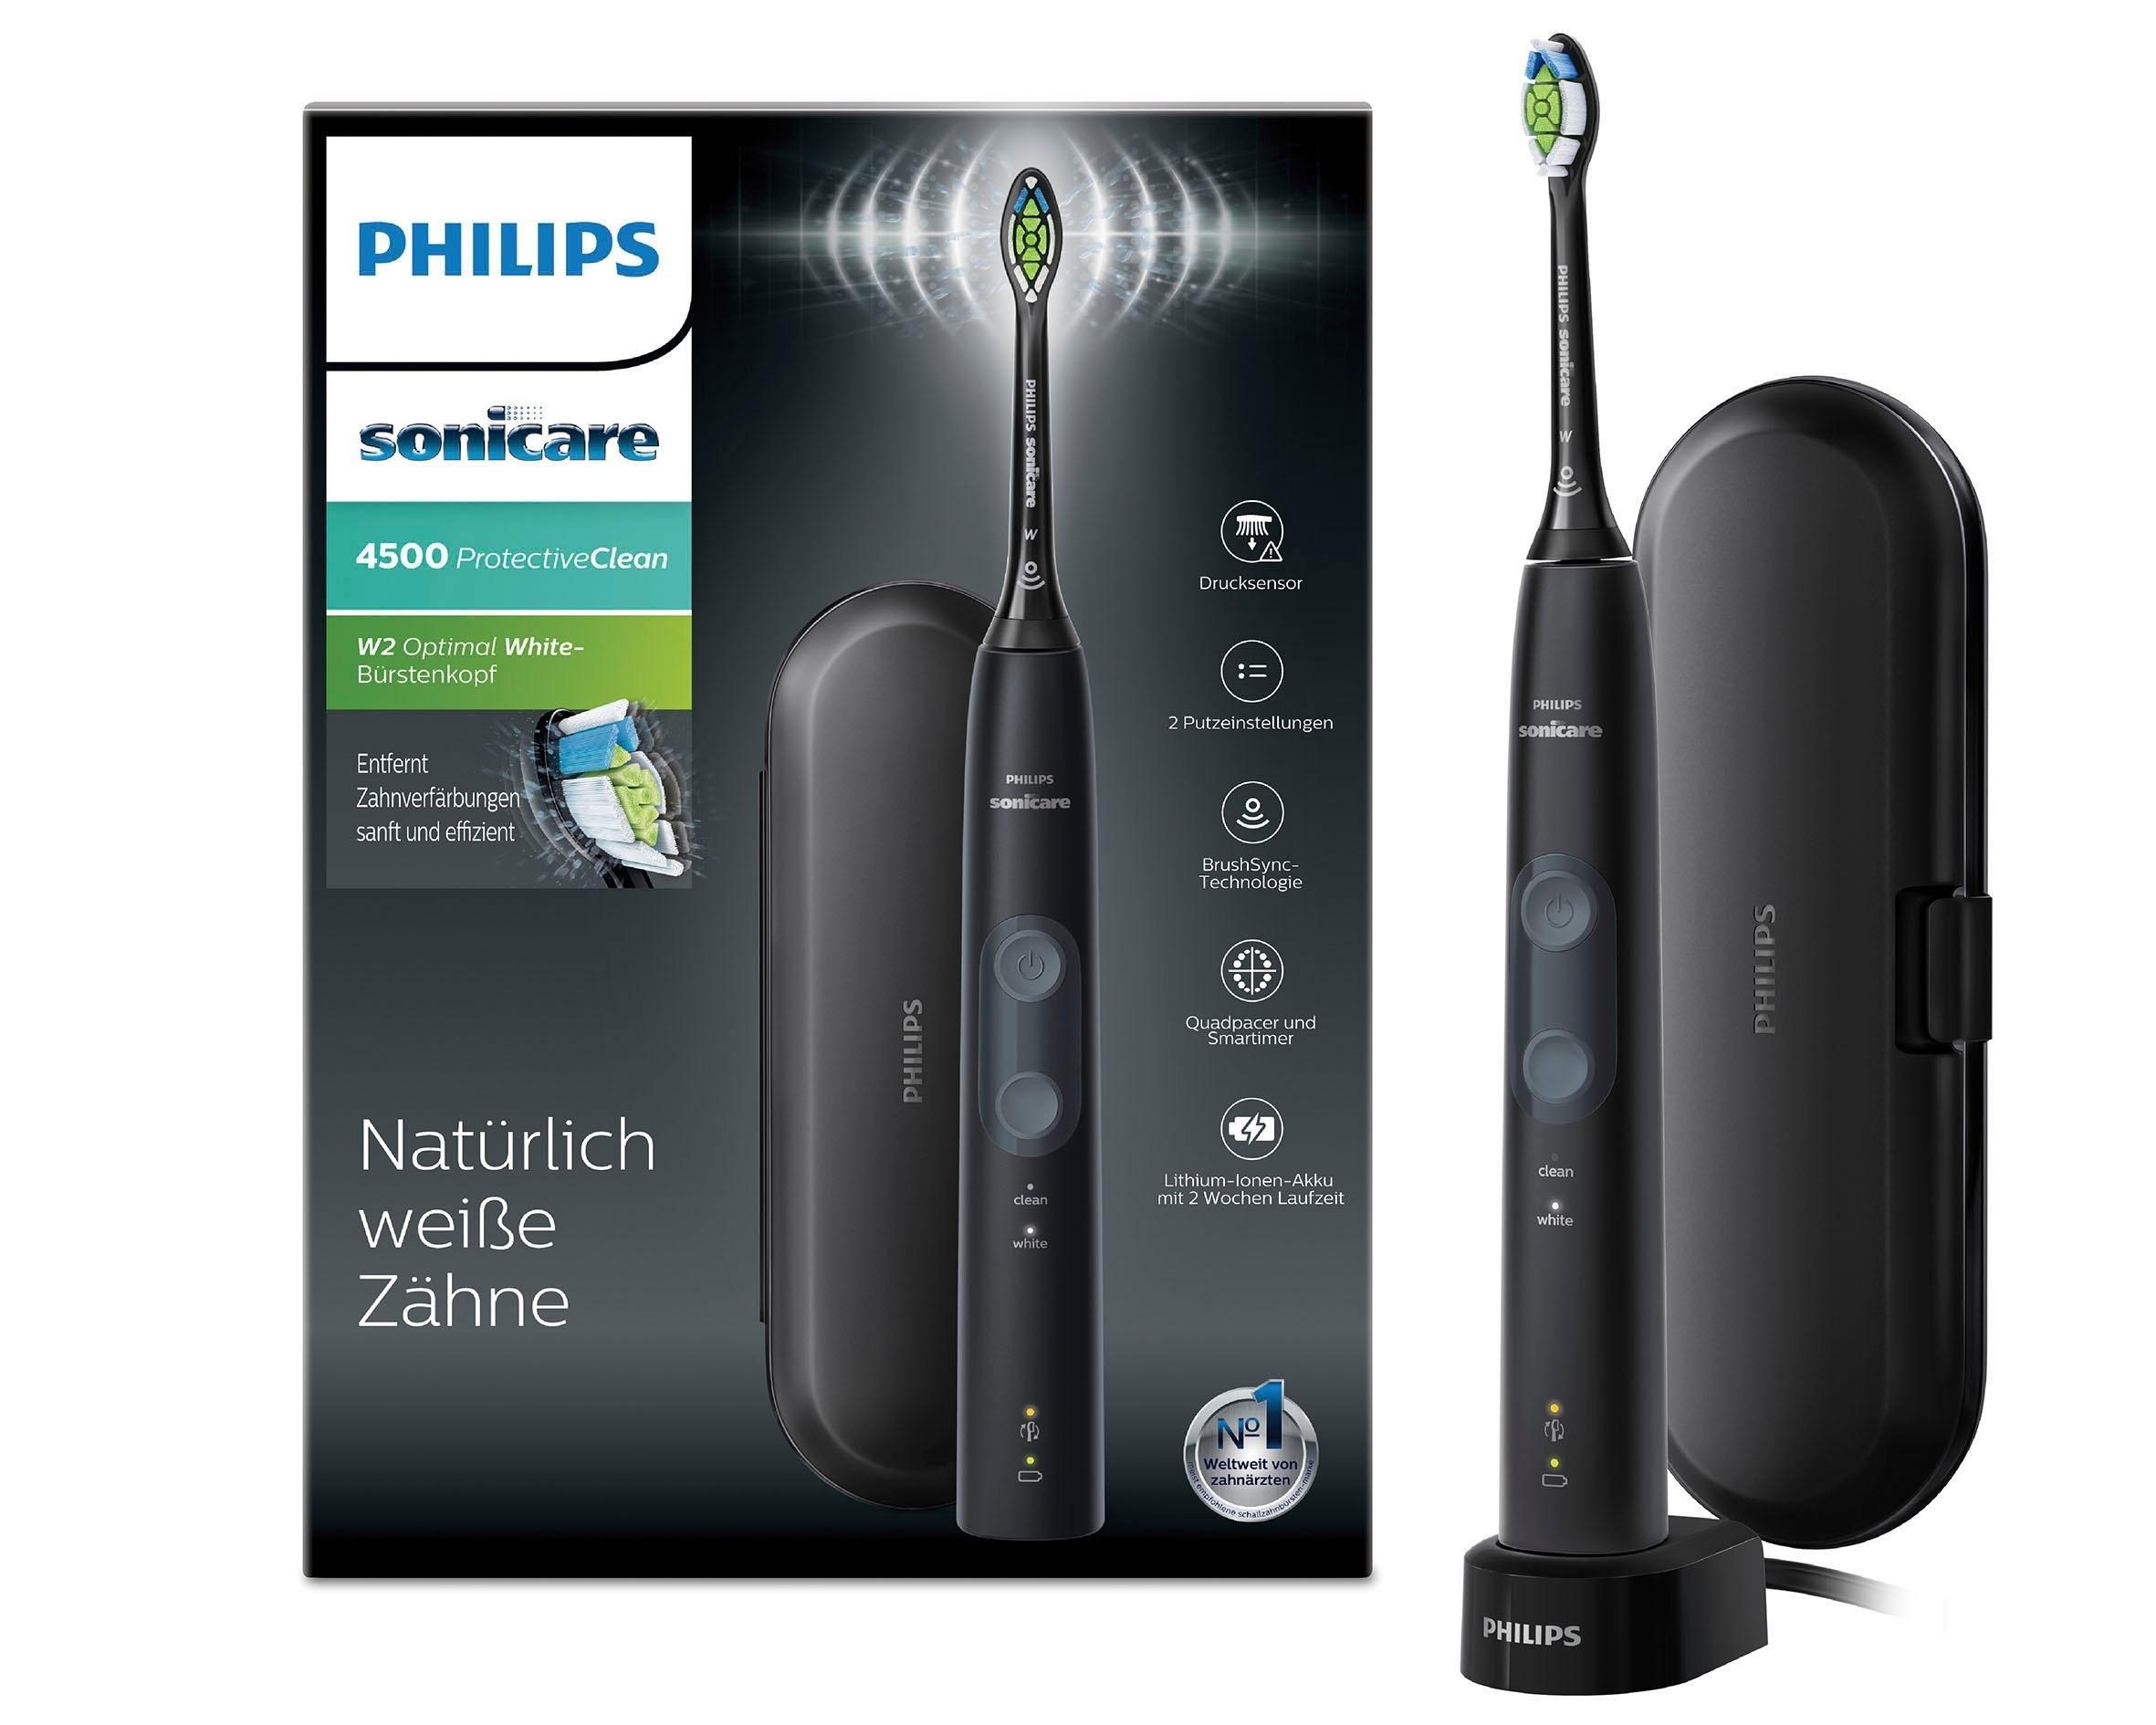 Philips Sonicare elektrische tandenborstel HX6830/53, 1 opzetborsteltje veilig op otto.nl kopen